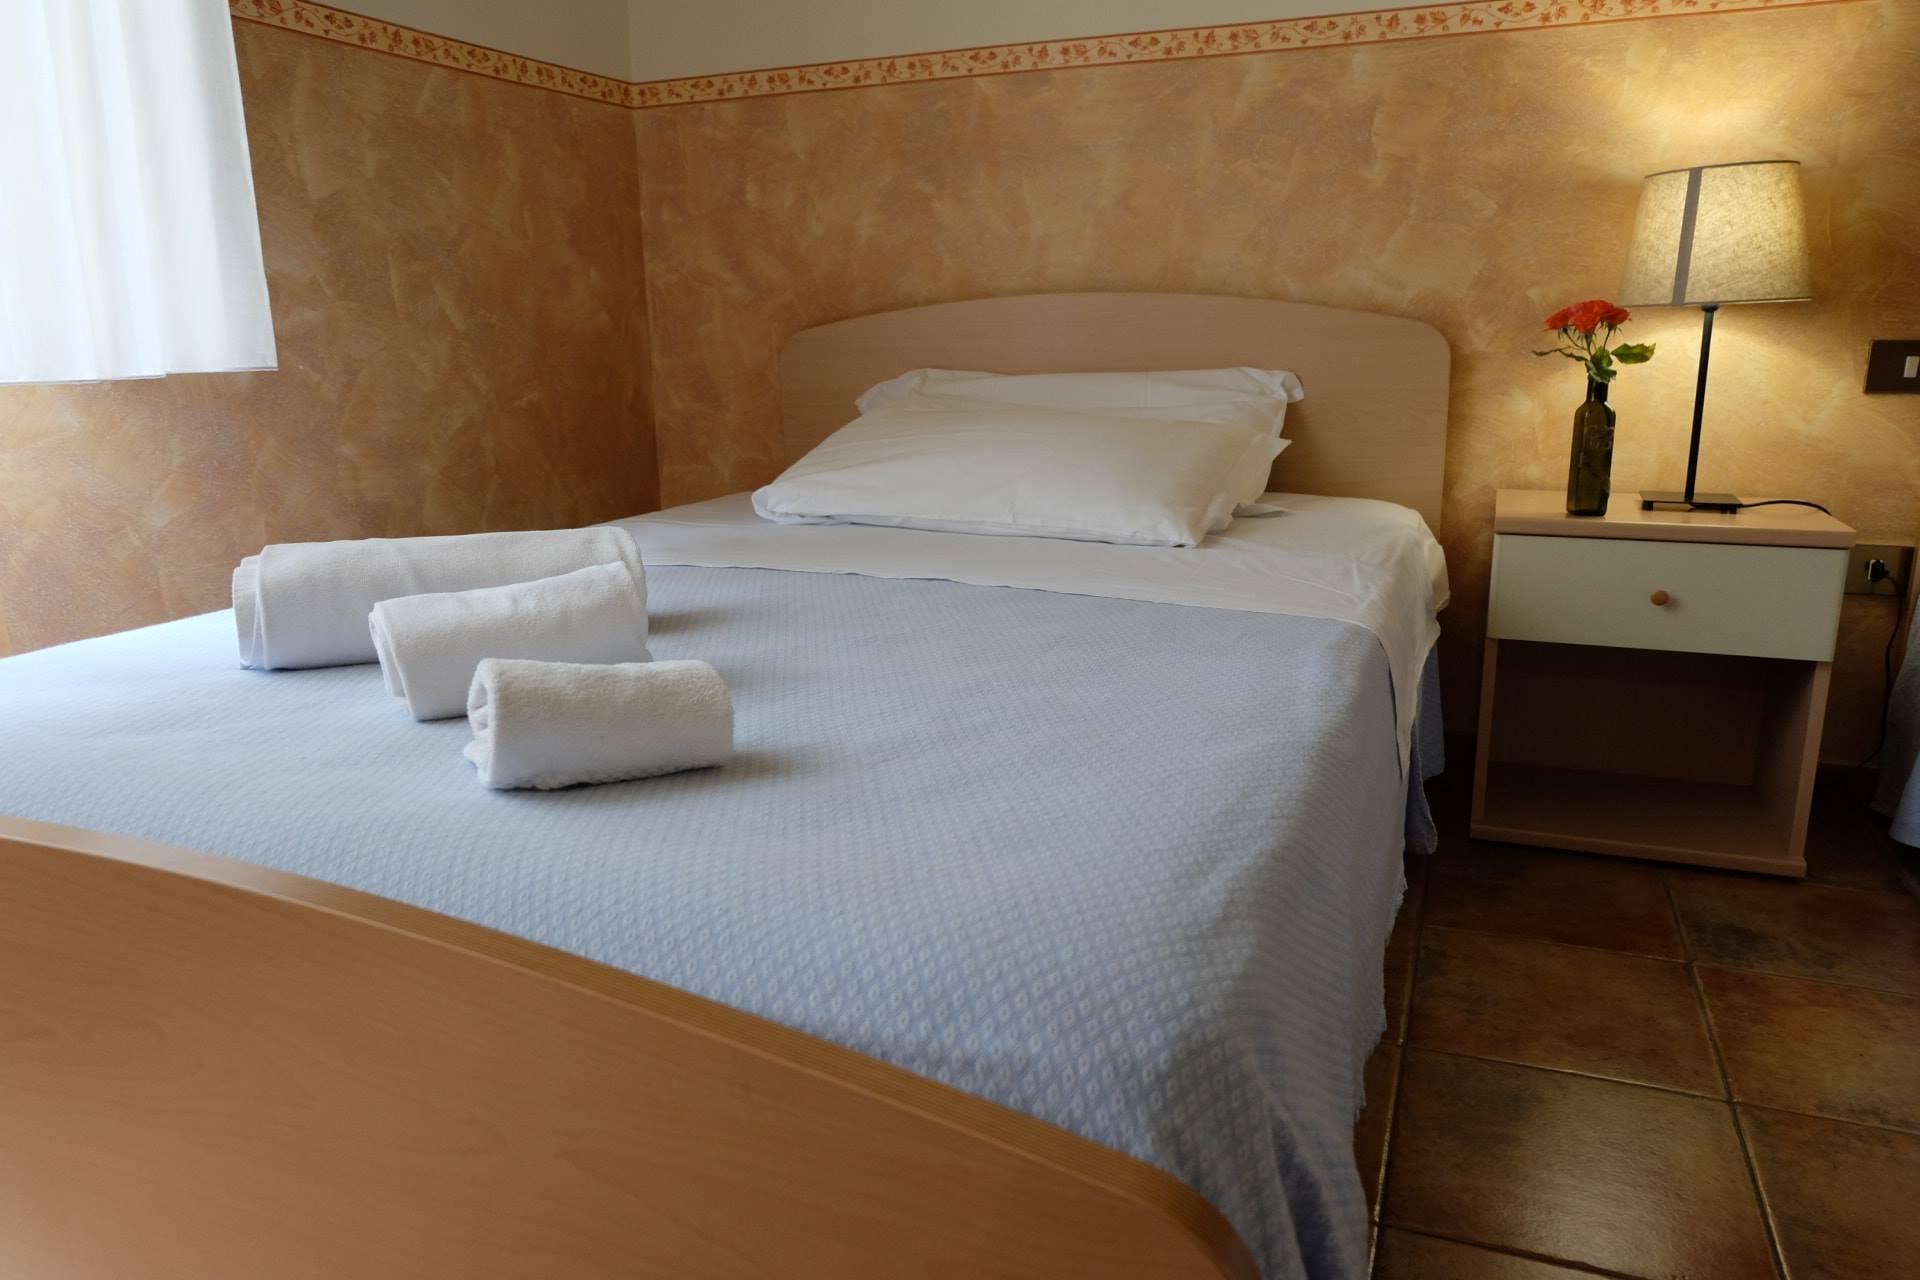 galleria foto camere hostel il tetto melfi ostello dormire soggiorno vacanze basilicata1